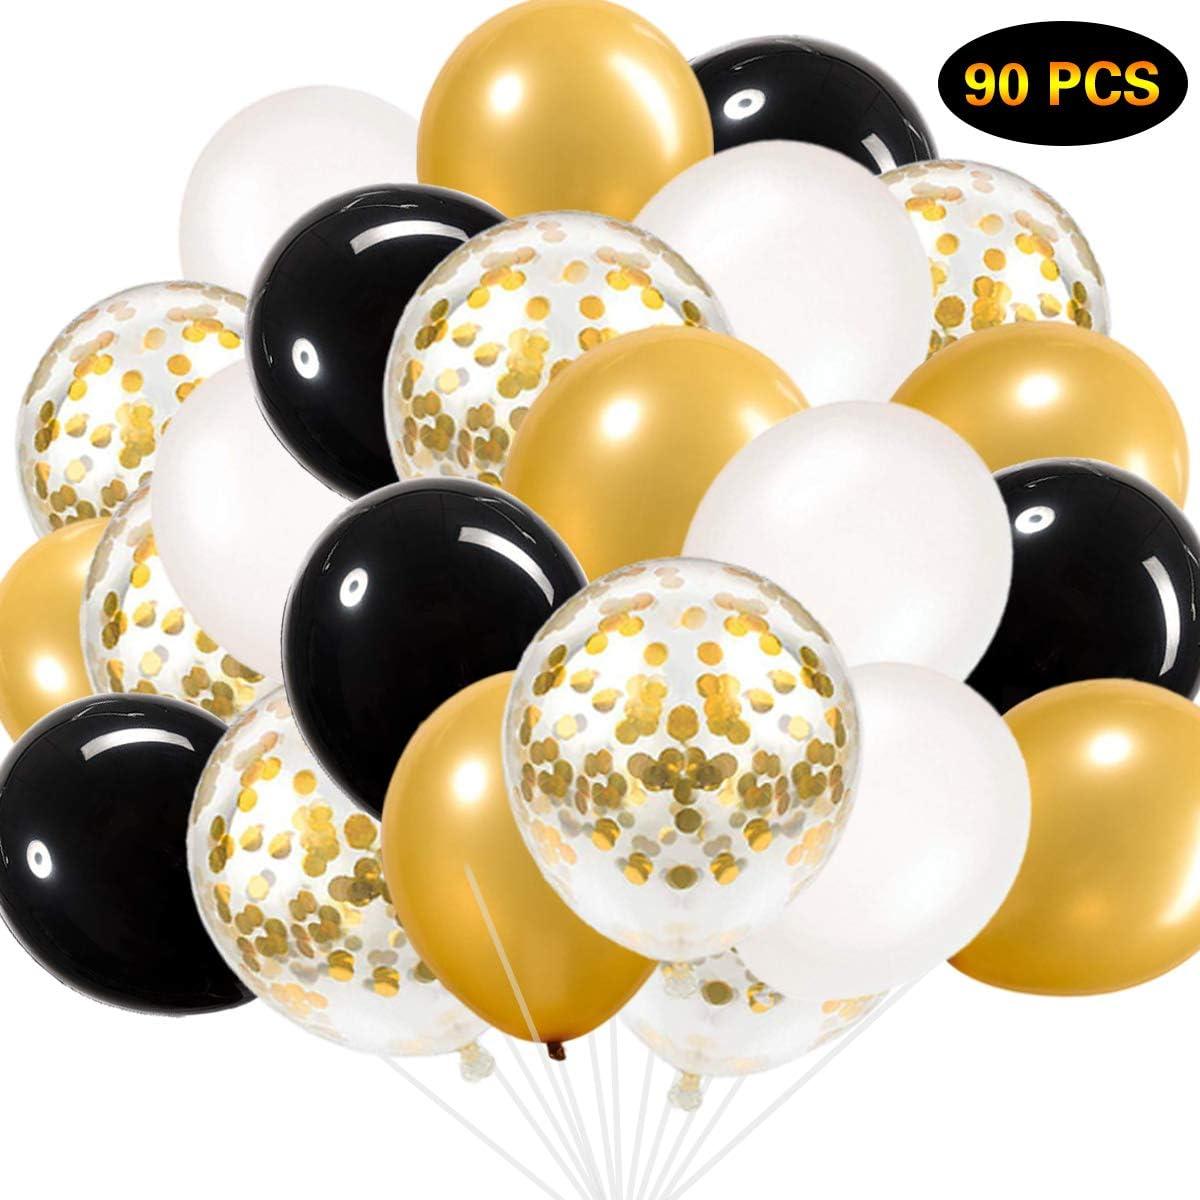 Globos negros y dorados, globos de confeti dorados Globos blancos y dorados negros Globos de fiesta de 90 pzas para fiesta de despedida de soltera Fiesta de despedida de soltera Fiesta de cumpleaños